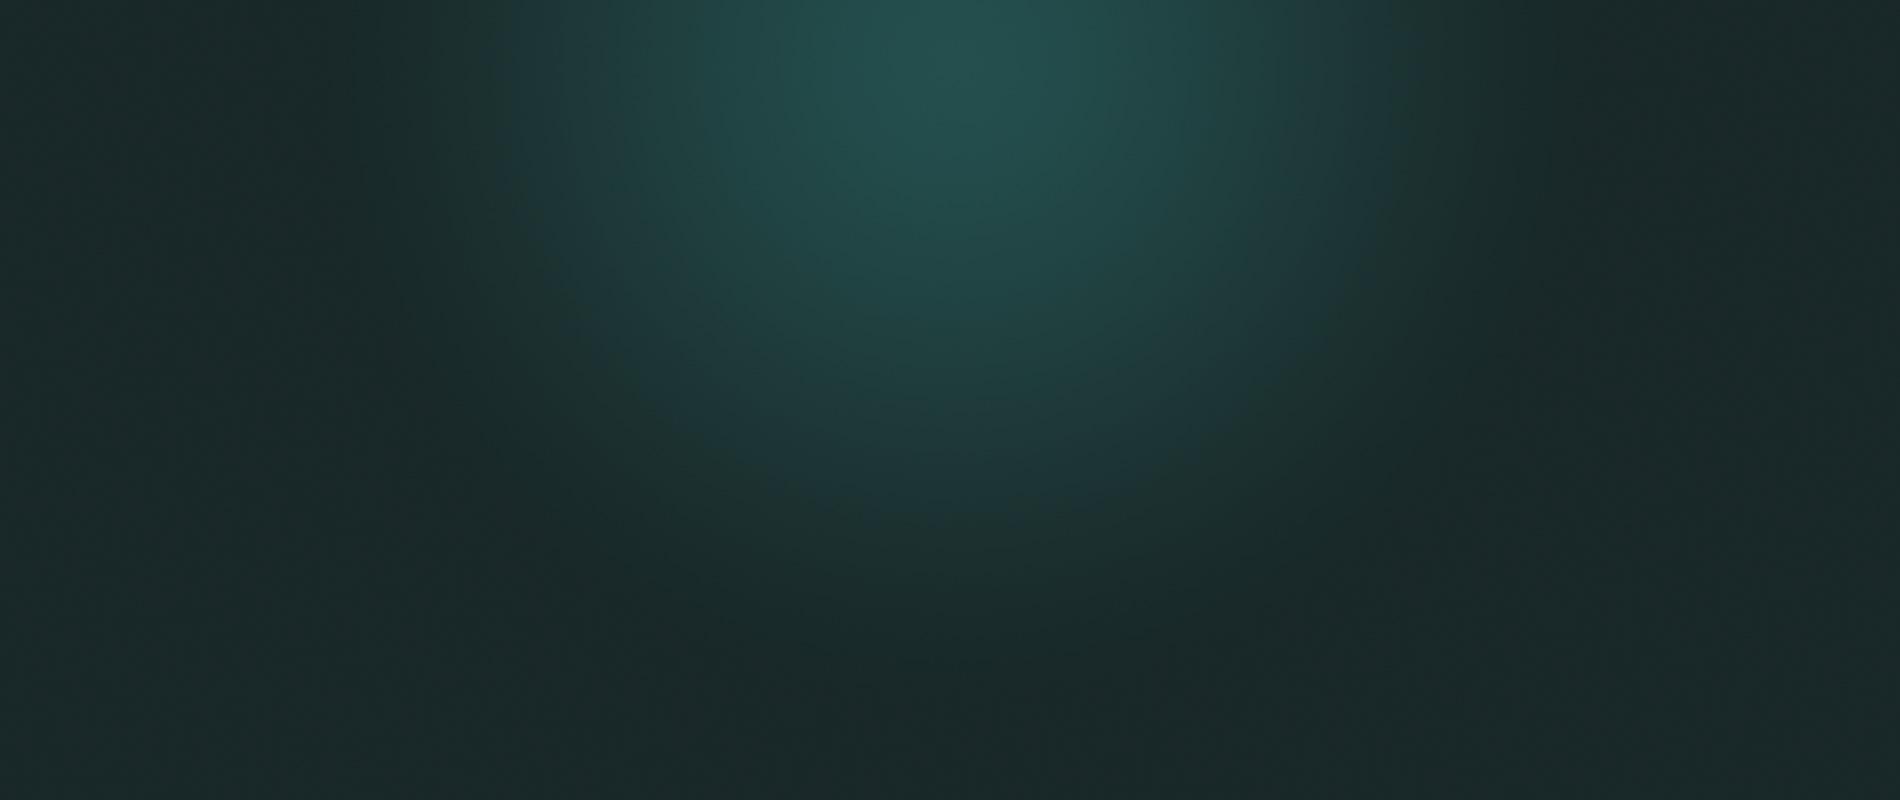 background gradient dark green by gds70 on DeviantArt